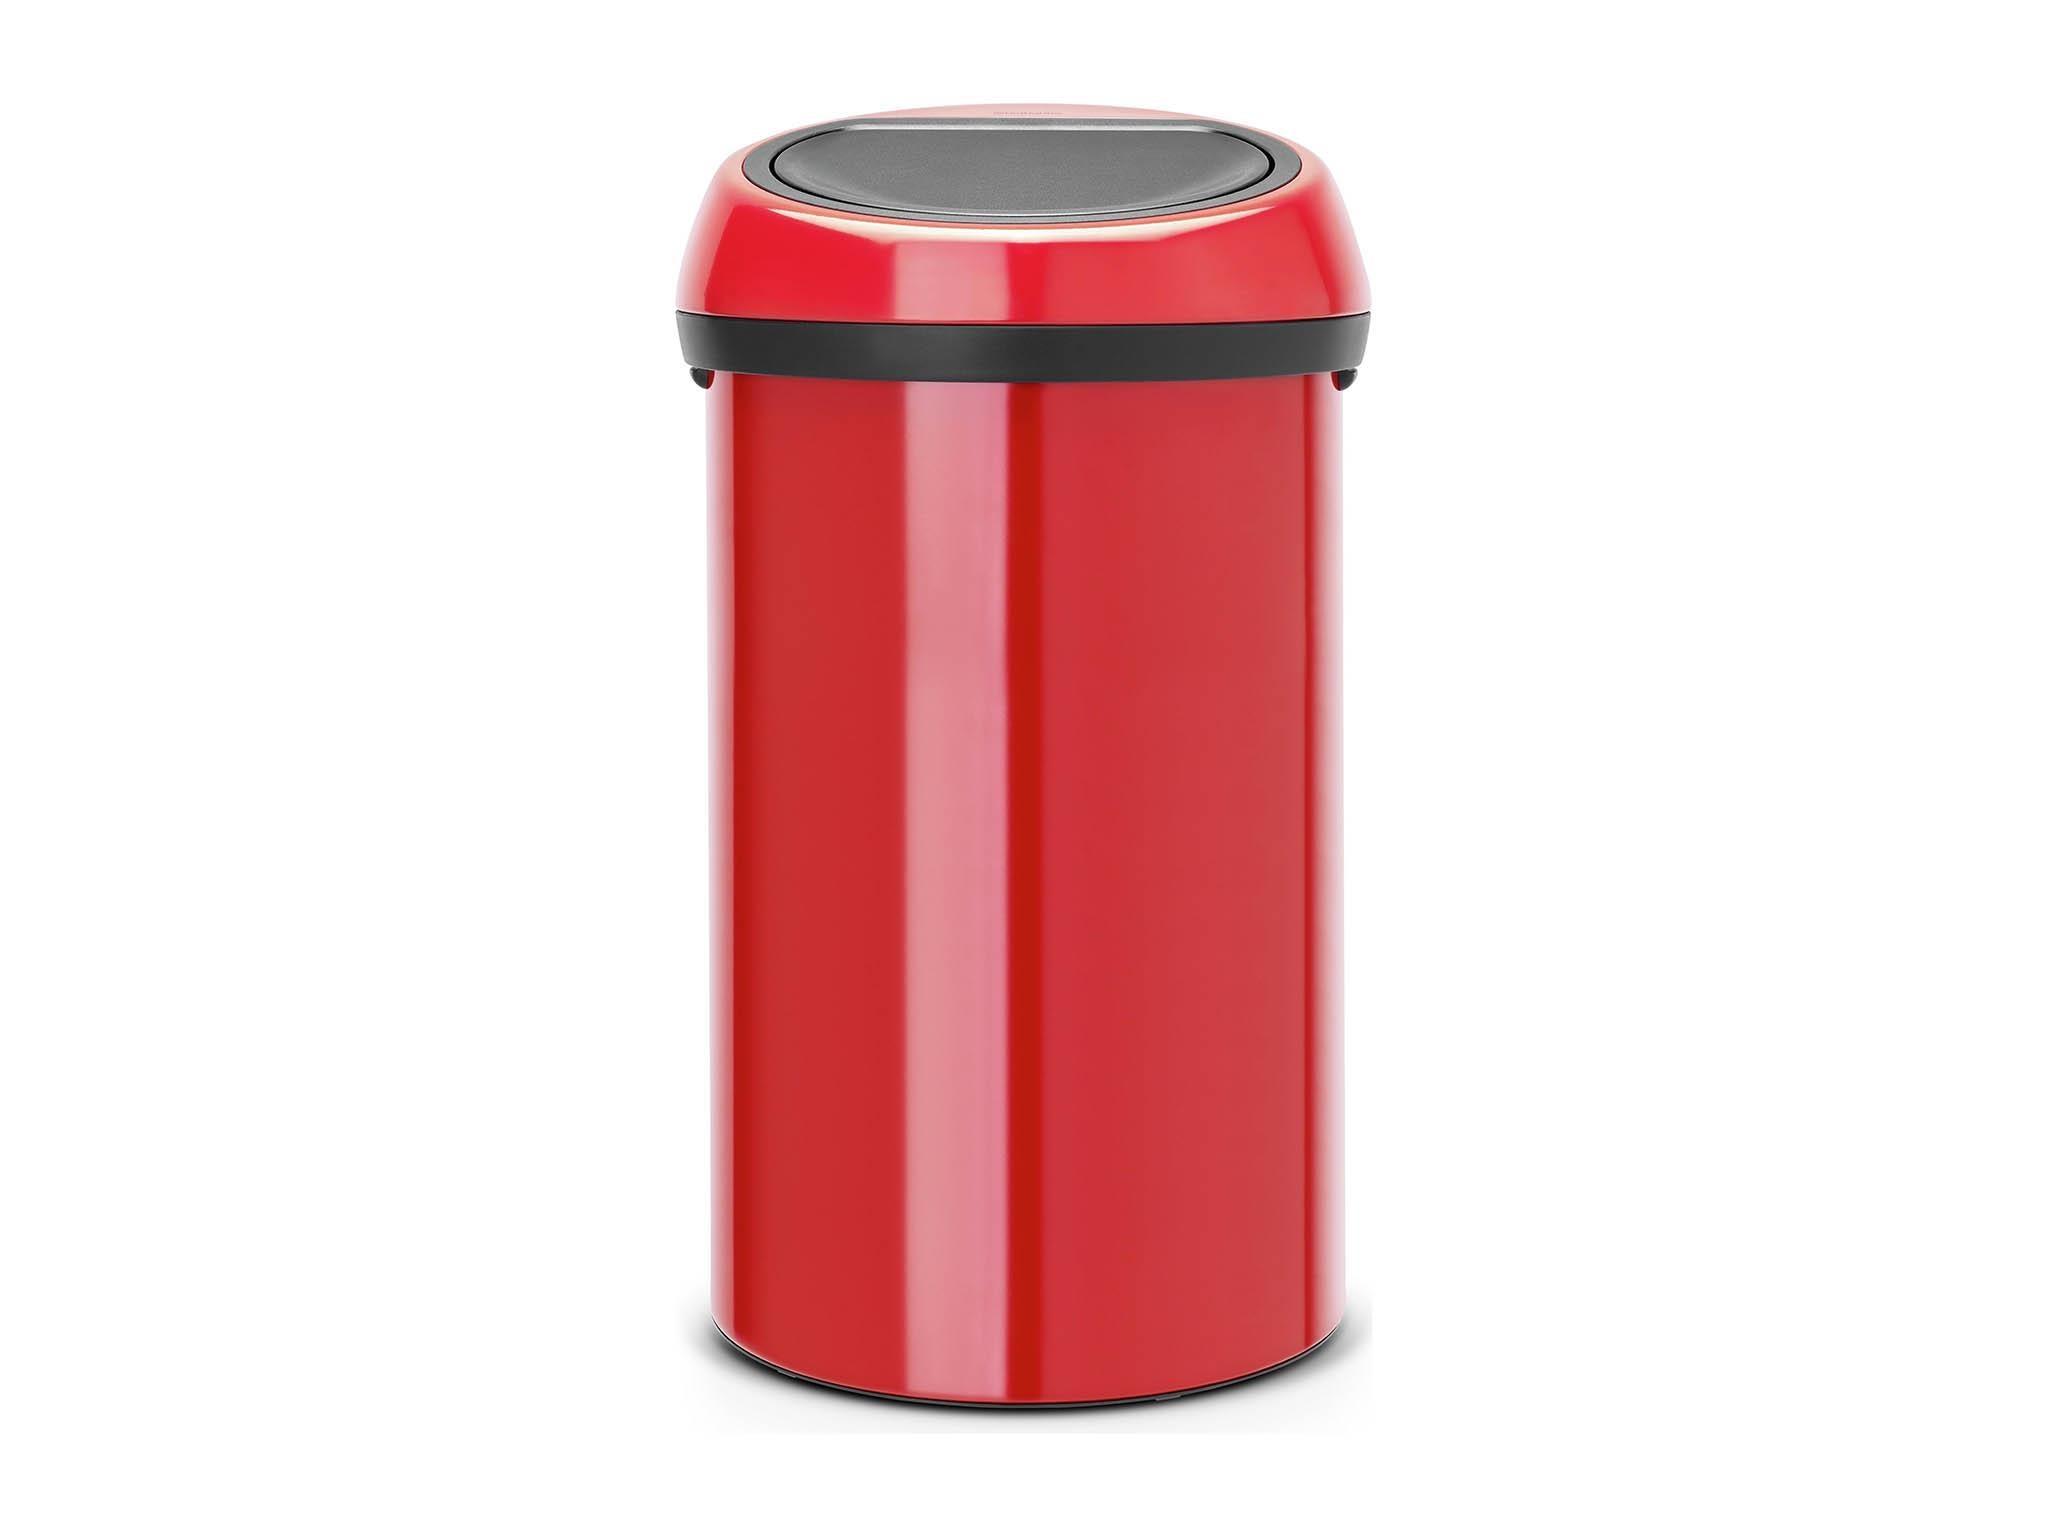 10 best kitchen bins | The Independent